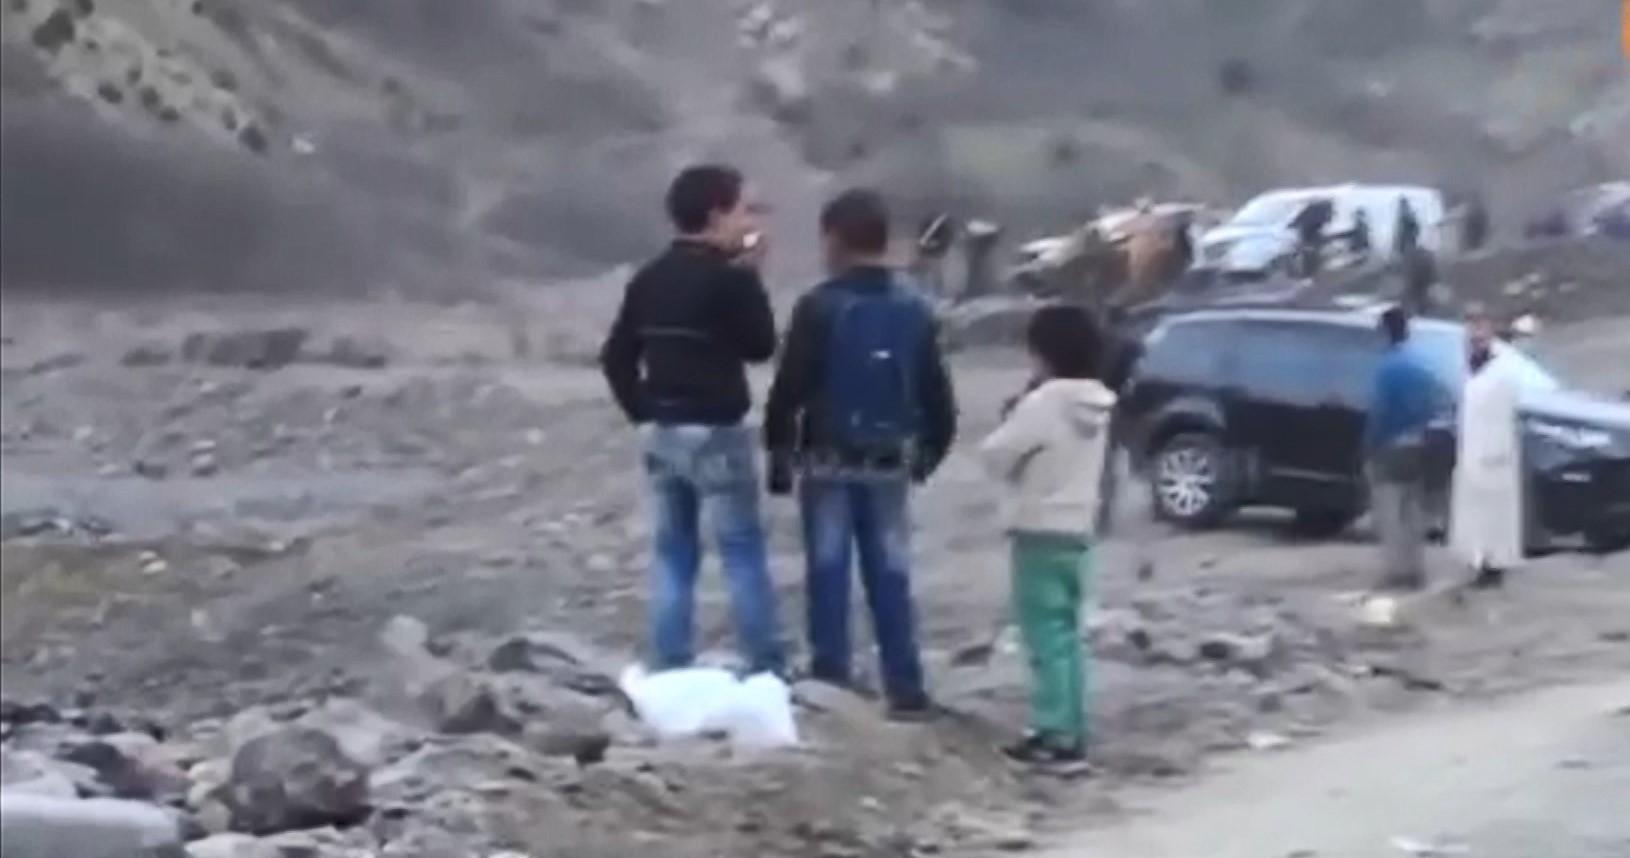 Vrasja e turistëve nordikë, 4 të arrestuar në Marok